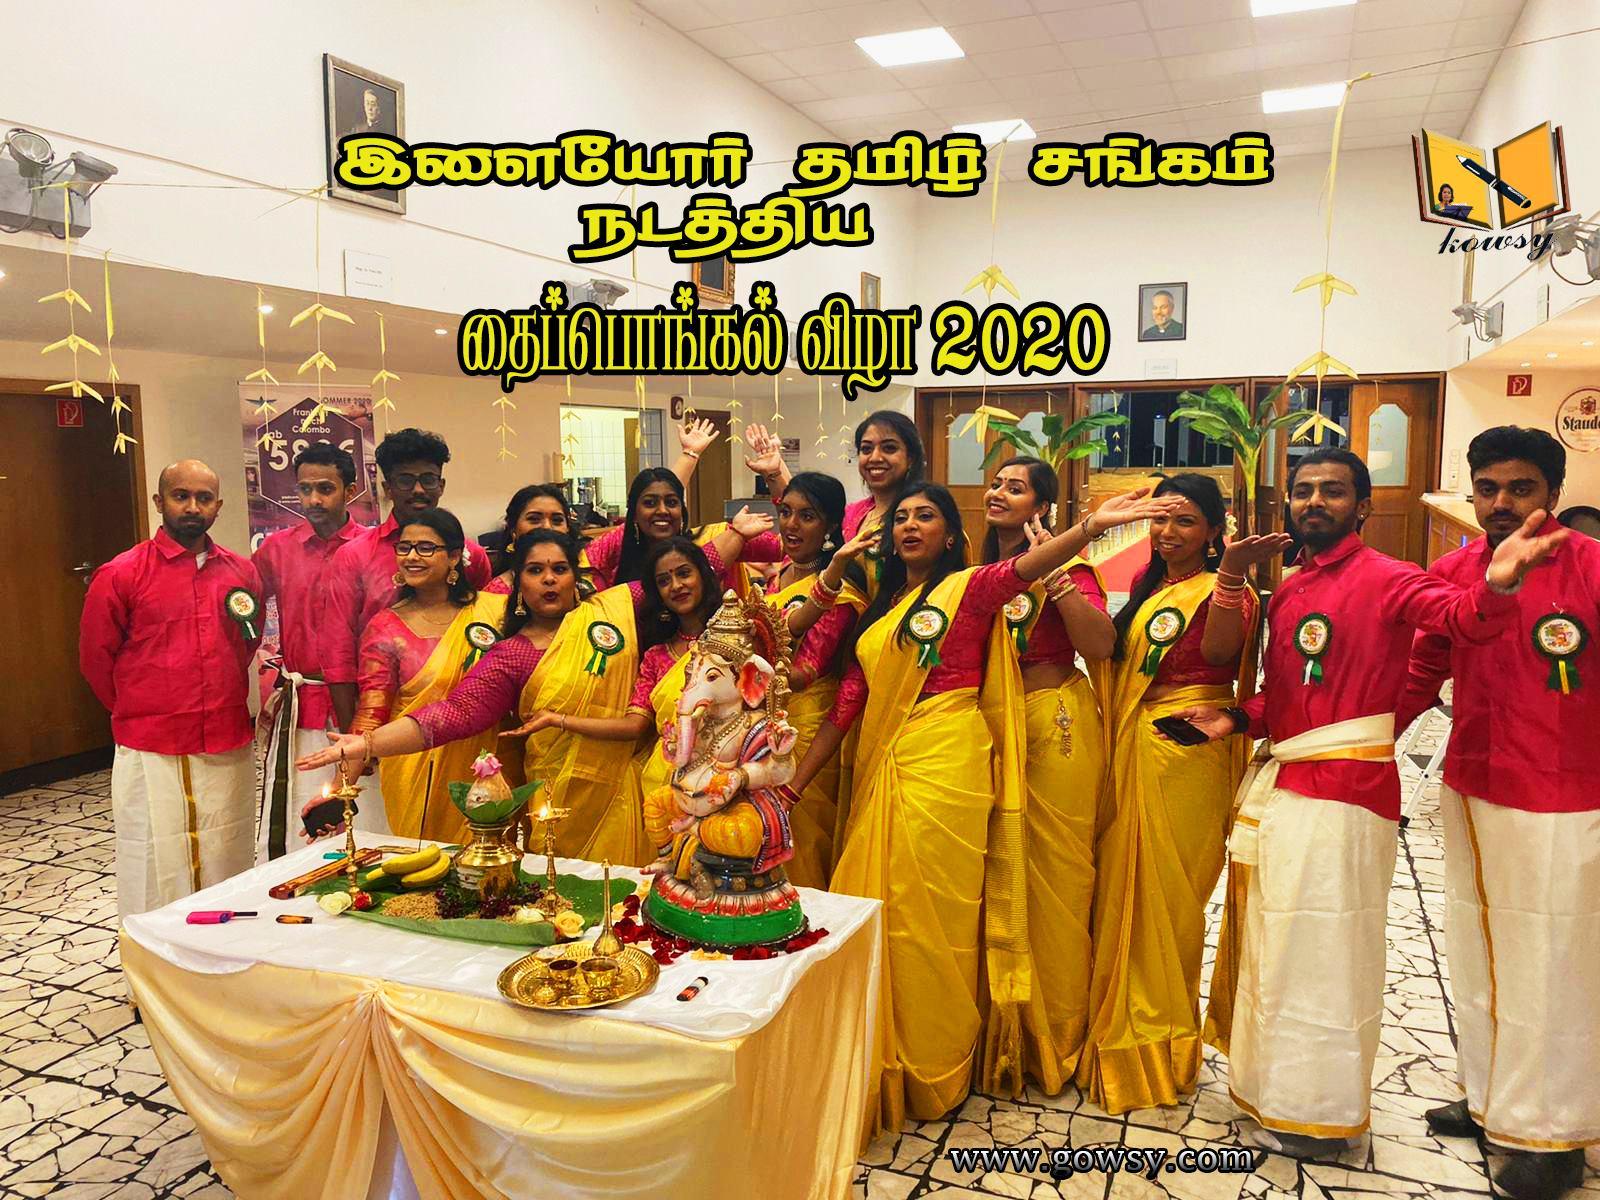 இளையோர் தமிழ் சங்கம் நடத்திய தைப்பொங்கல்2020